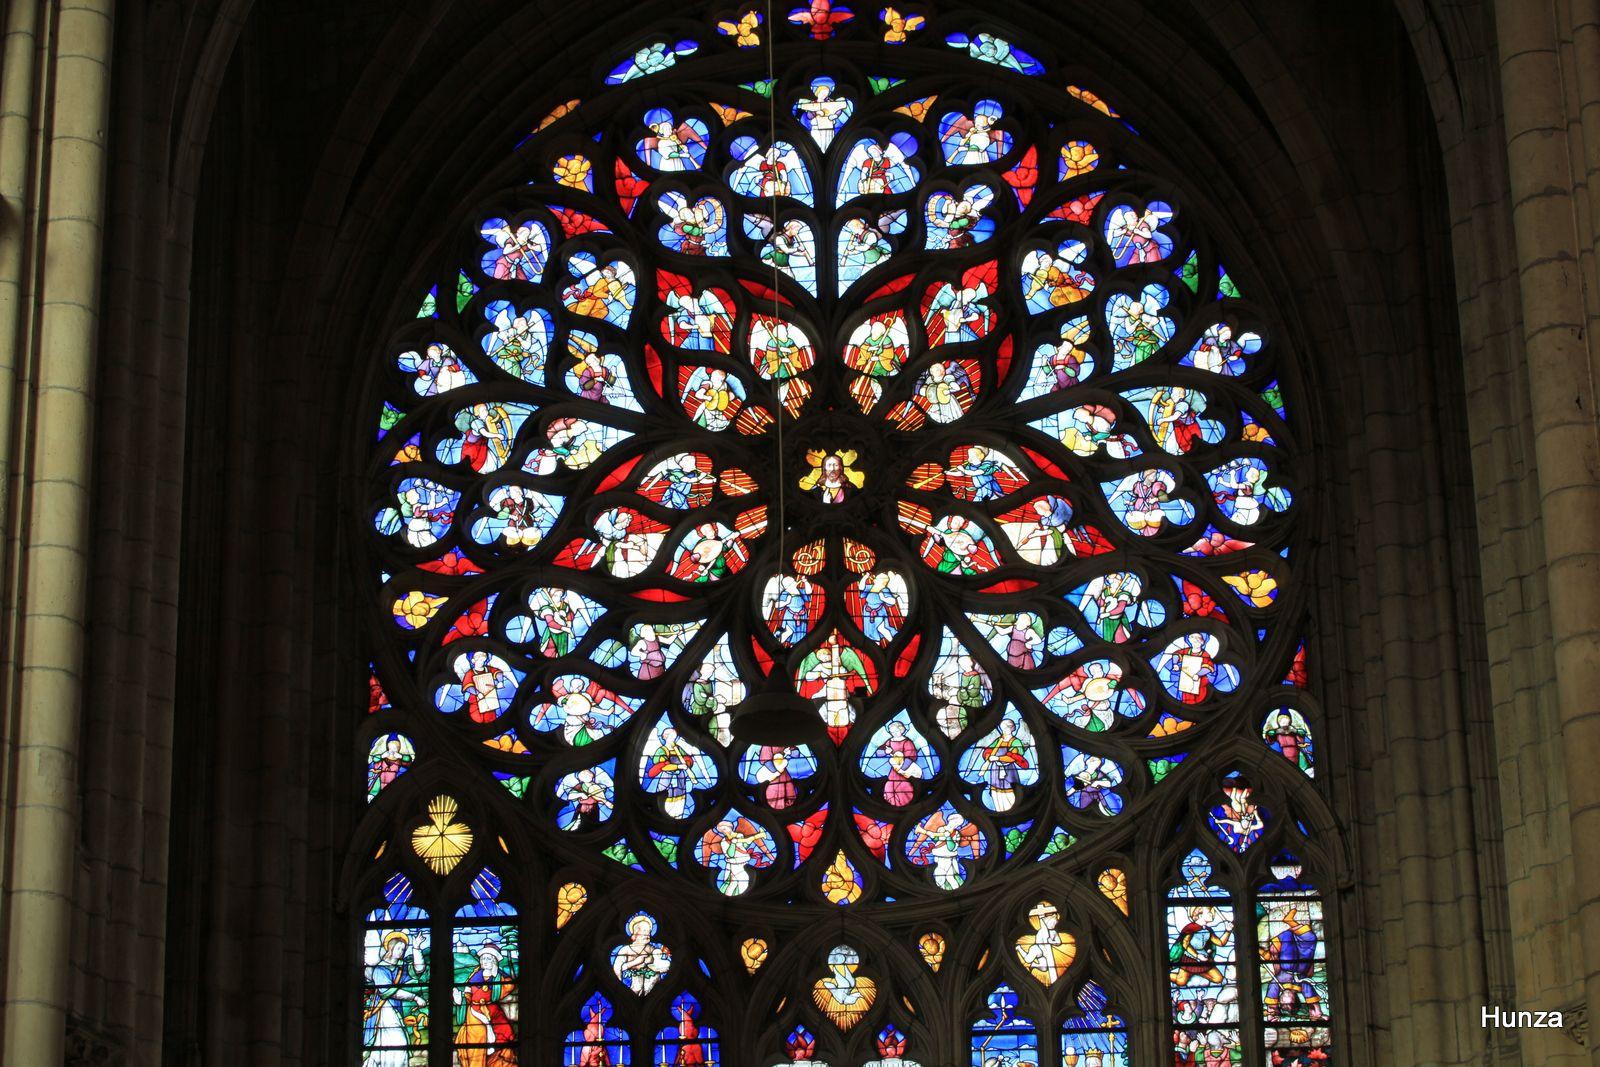 La rosace du transept sud (1502) représente le jugement dernier et la vie de Saint-Etienne